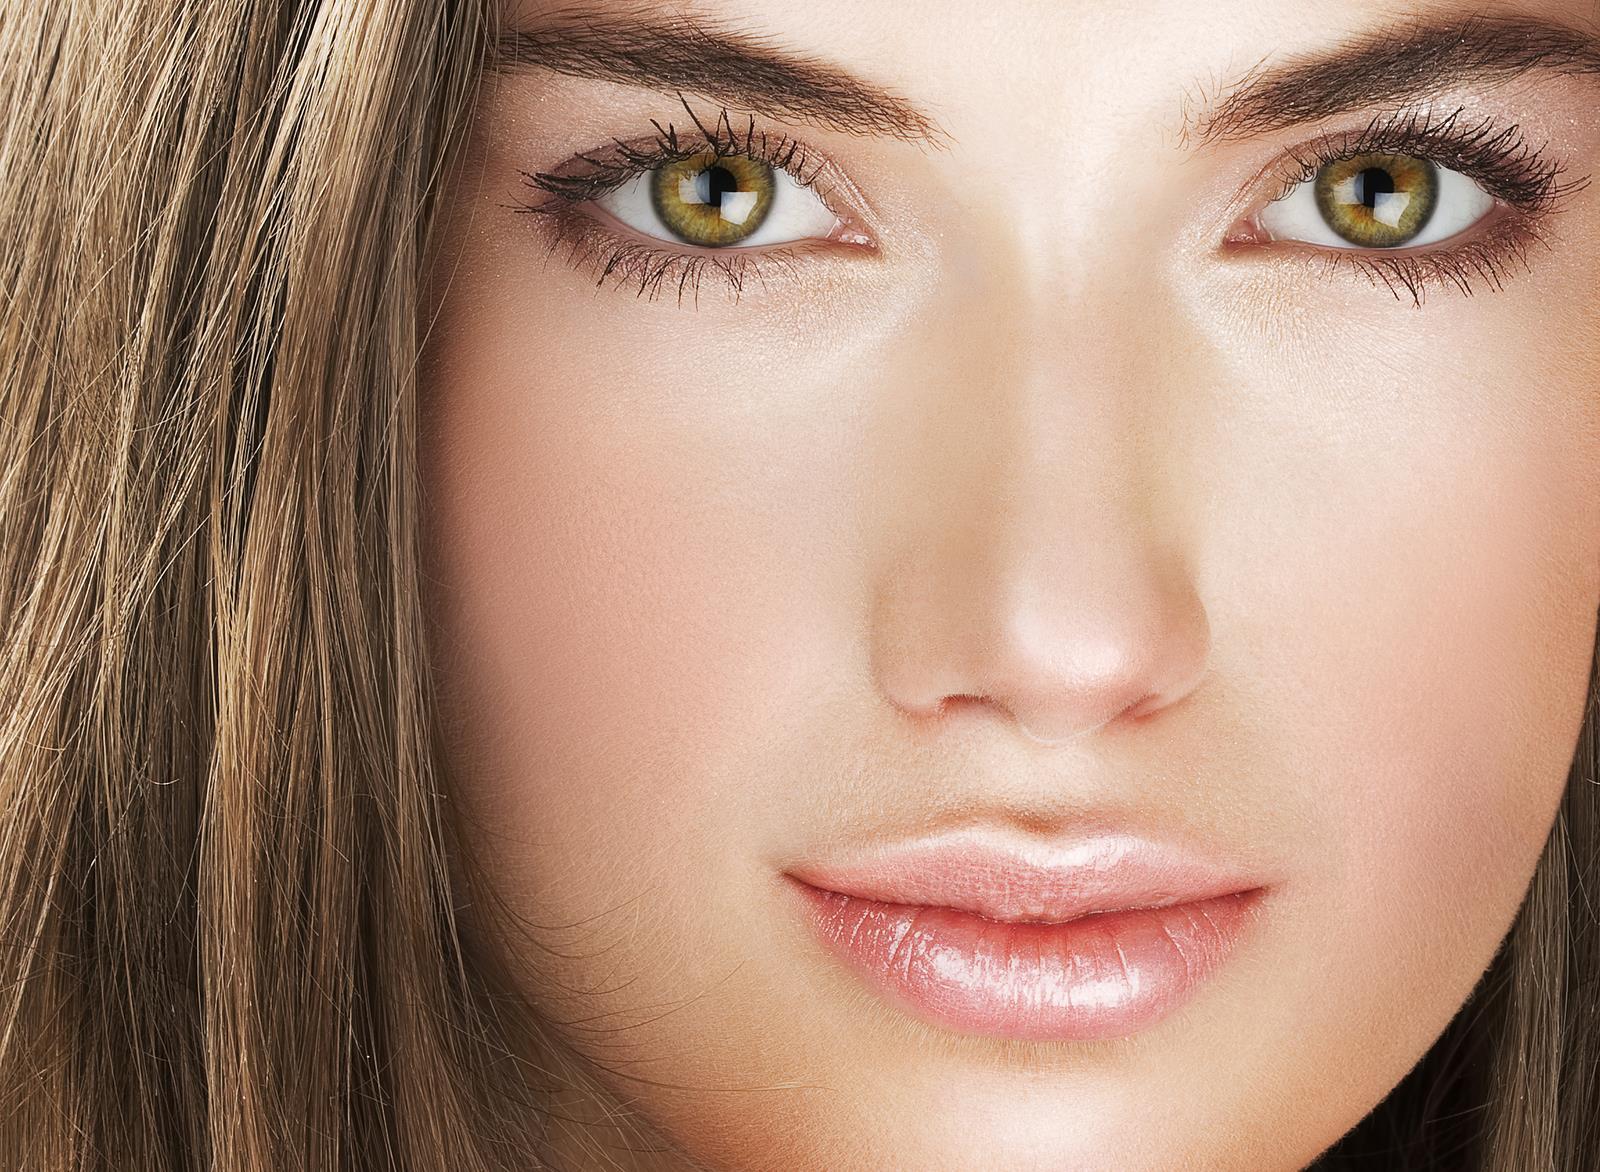 Doğal Görünümlü Göz Makyajı Nasıl Yapılır?